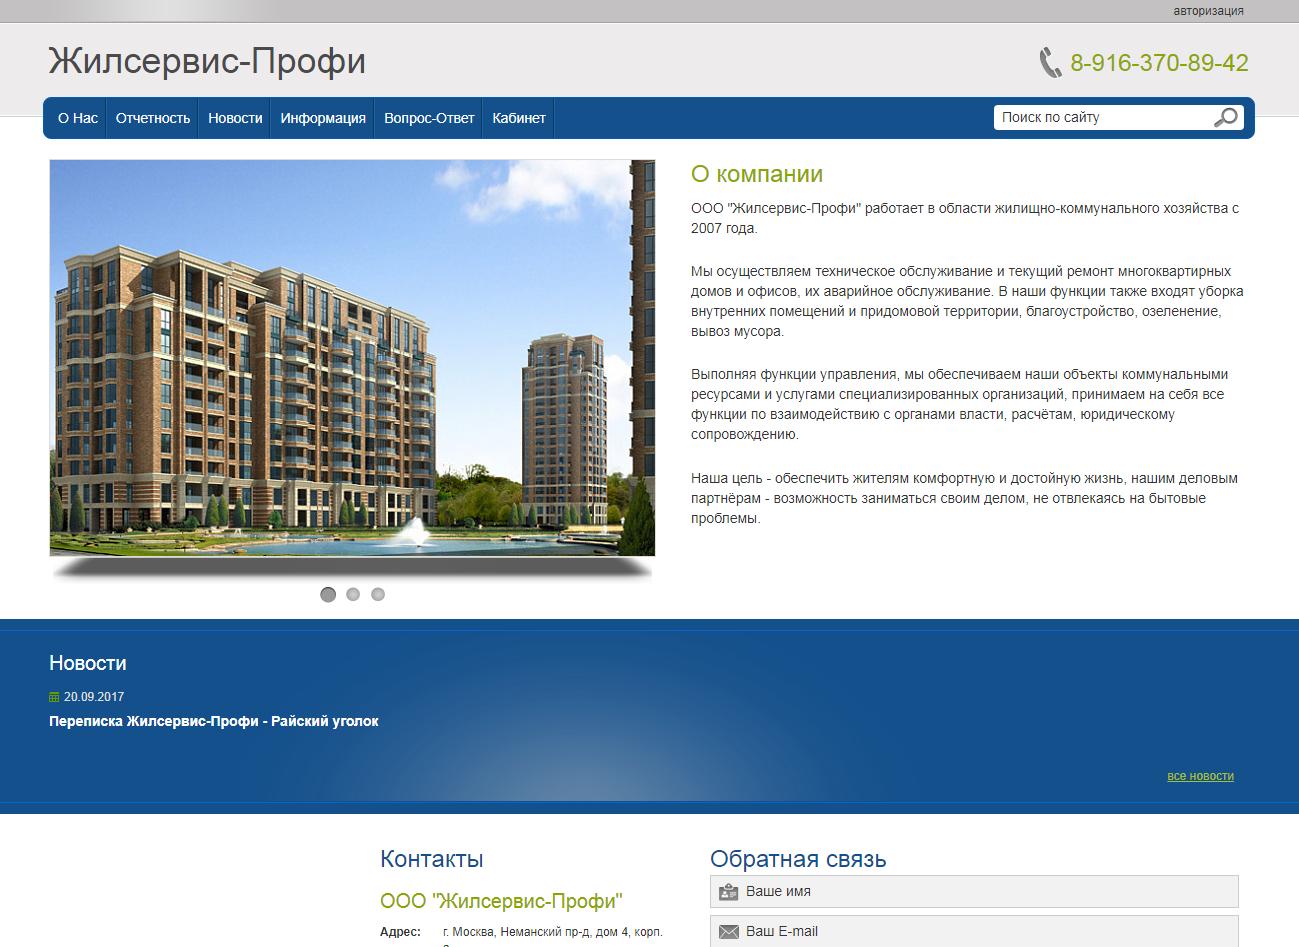 Управляющая компания жилсервис москва официальный сайт транспортная компания сдэк тольятти официальный сайт